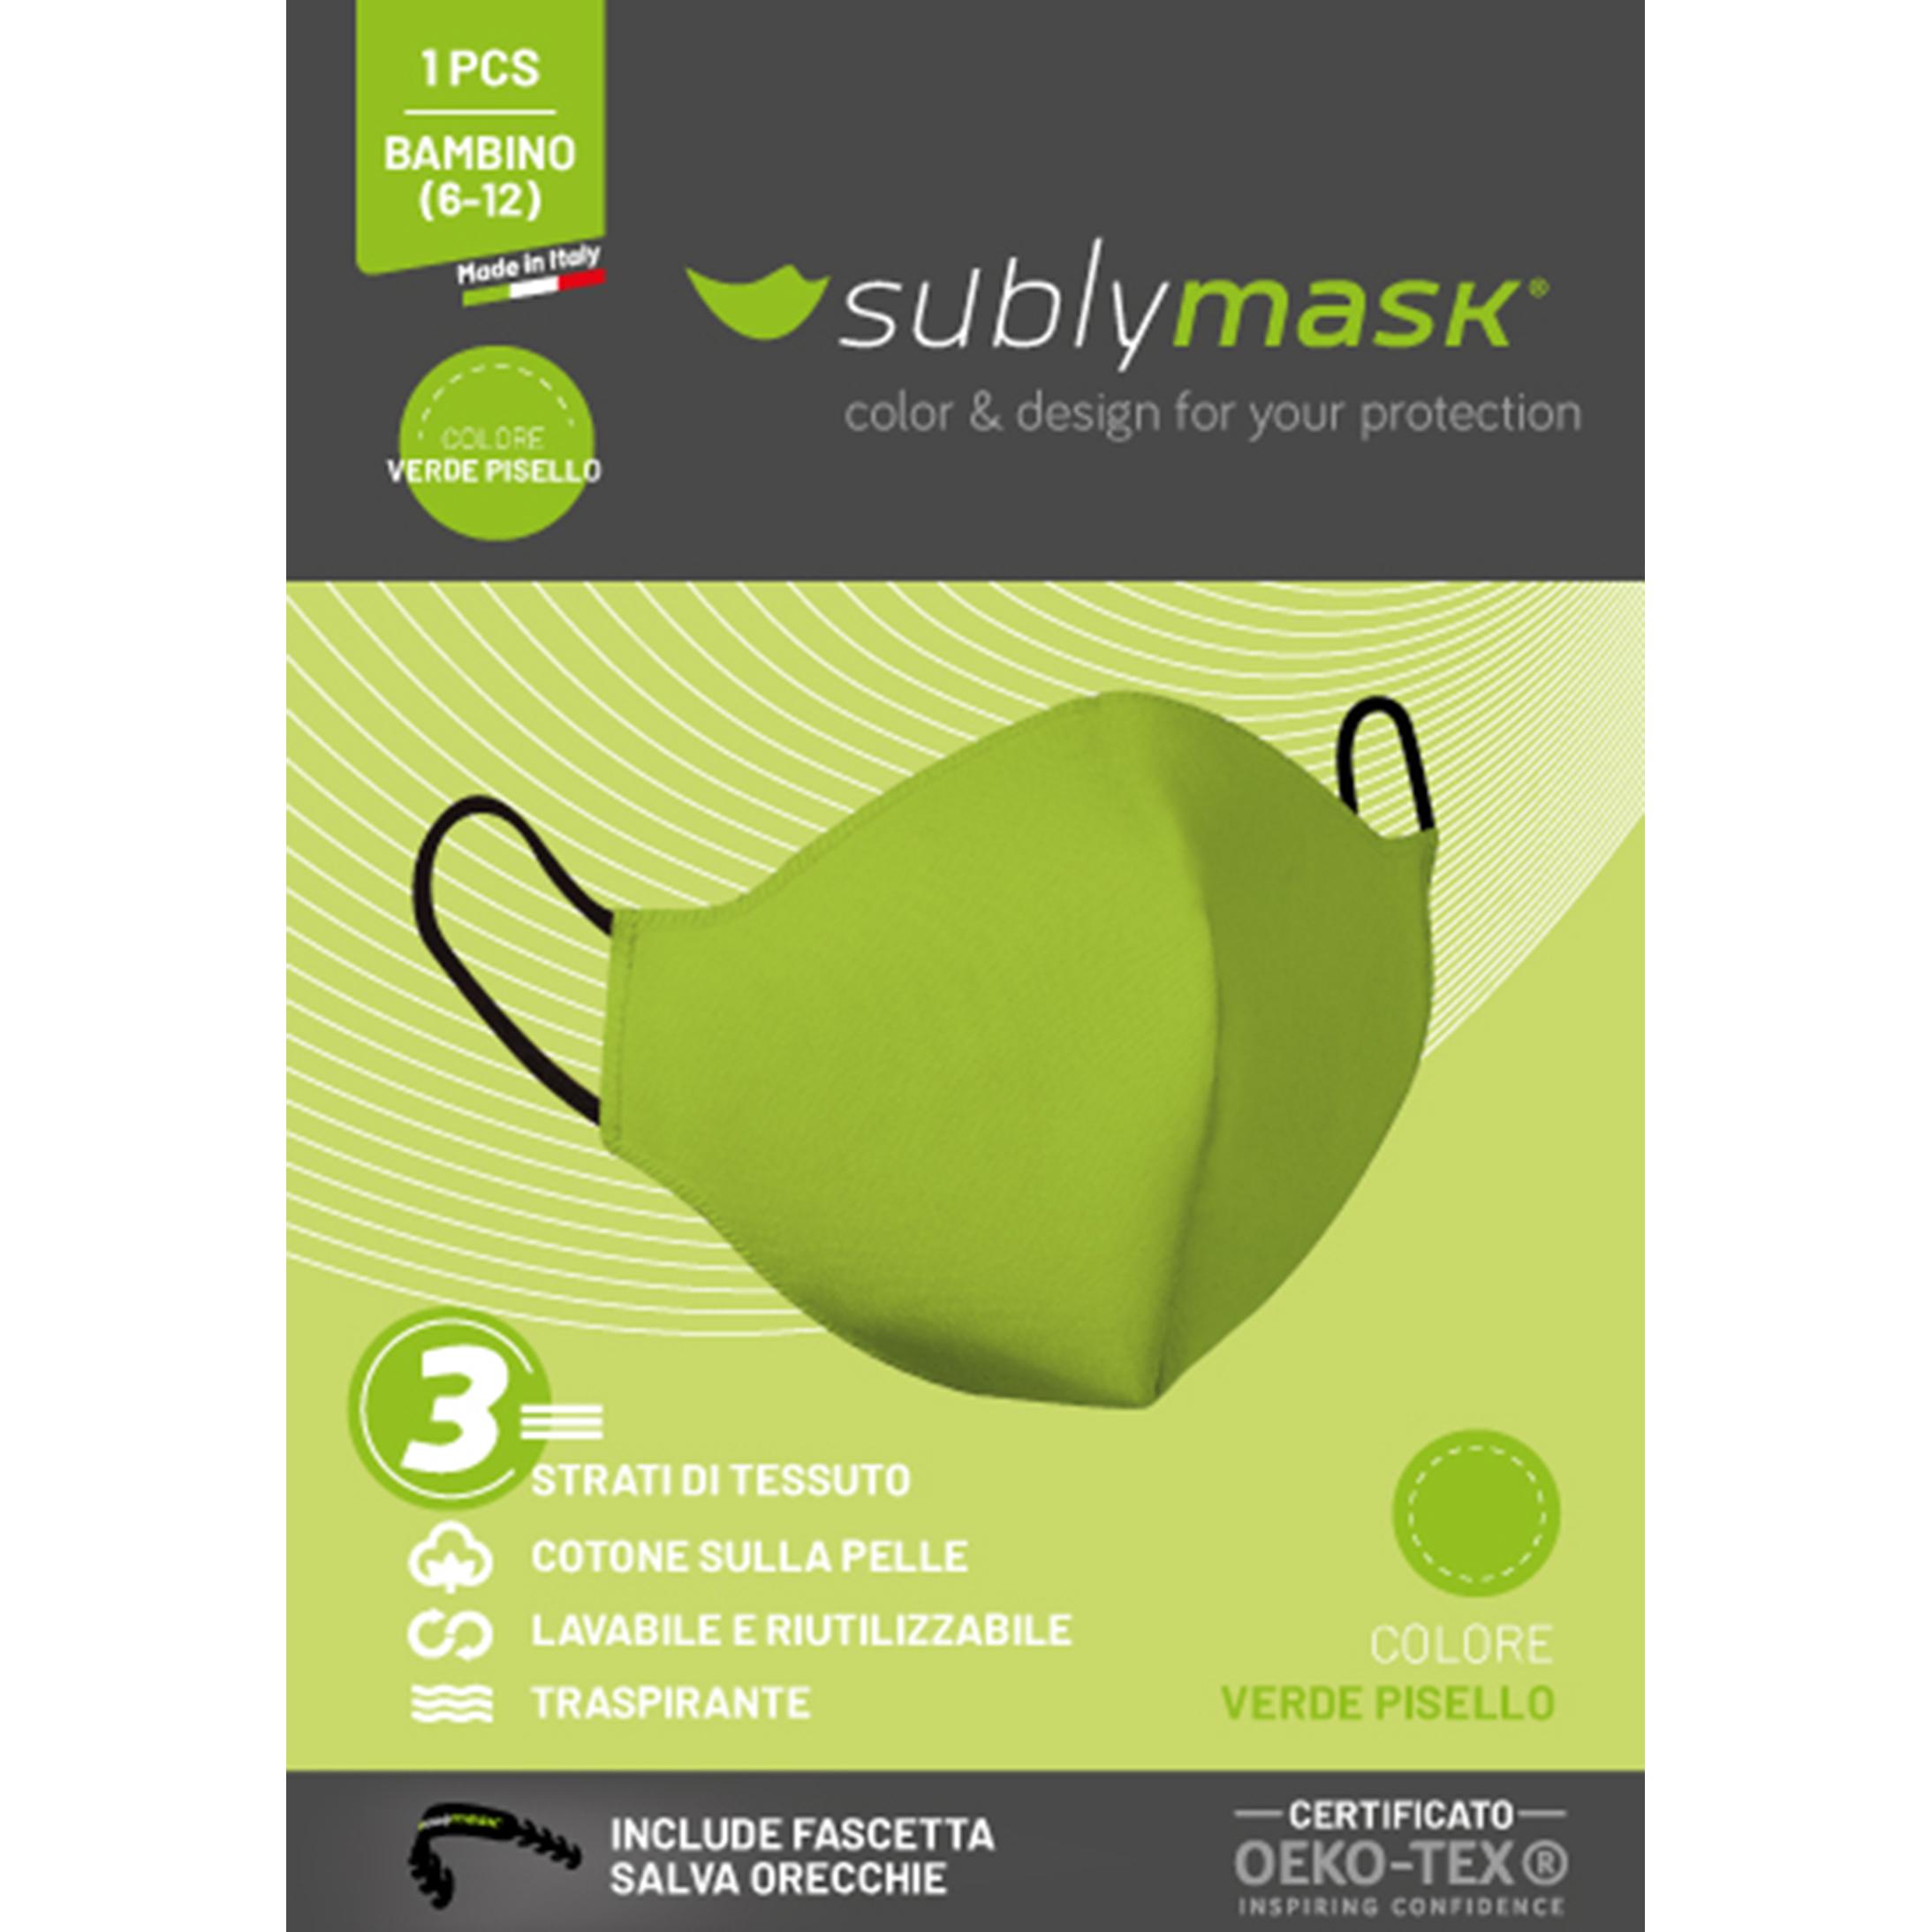 mascherina bambino verde2